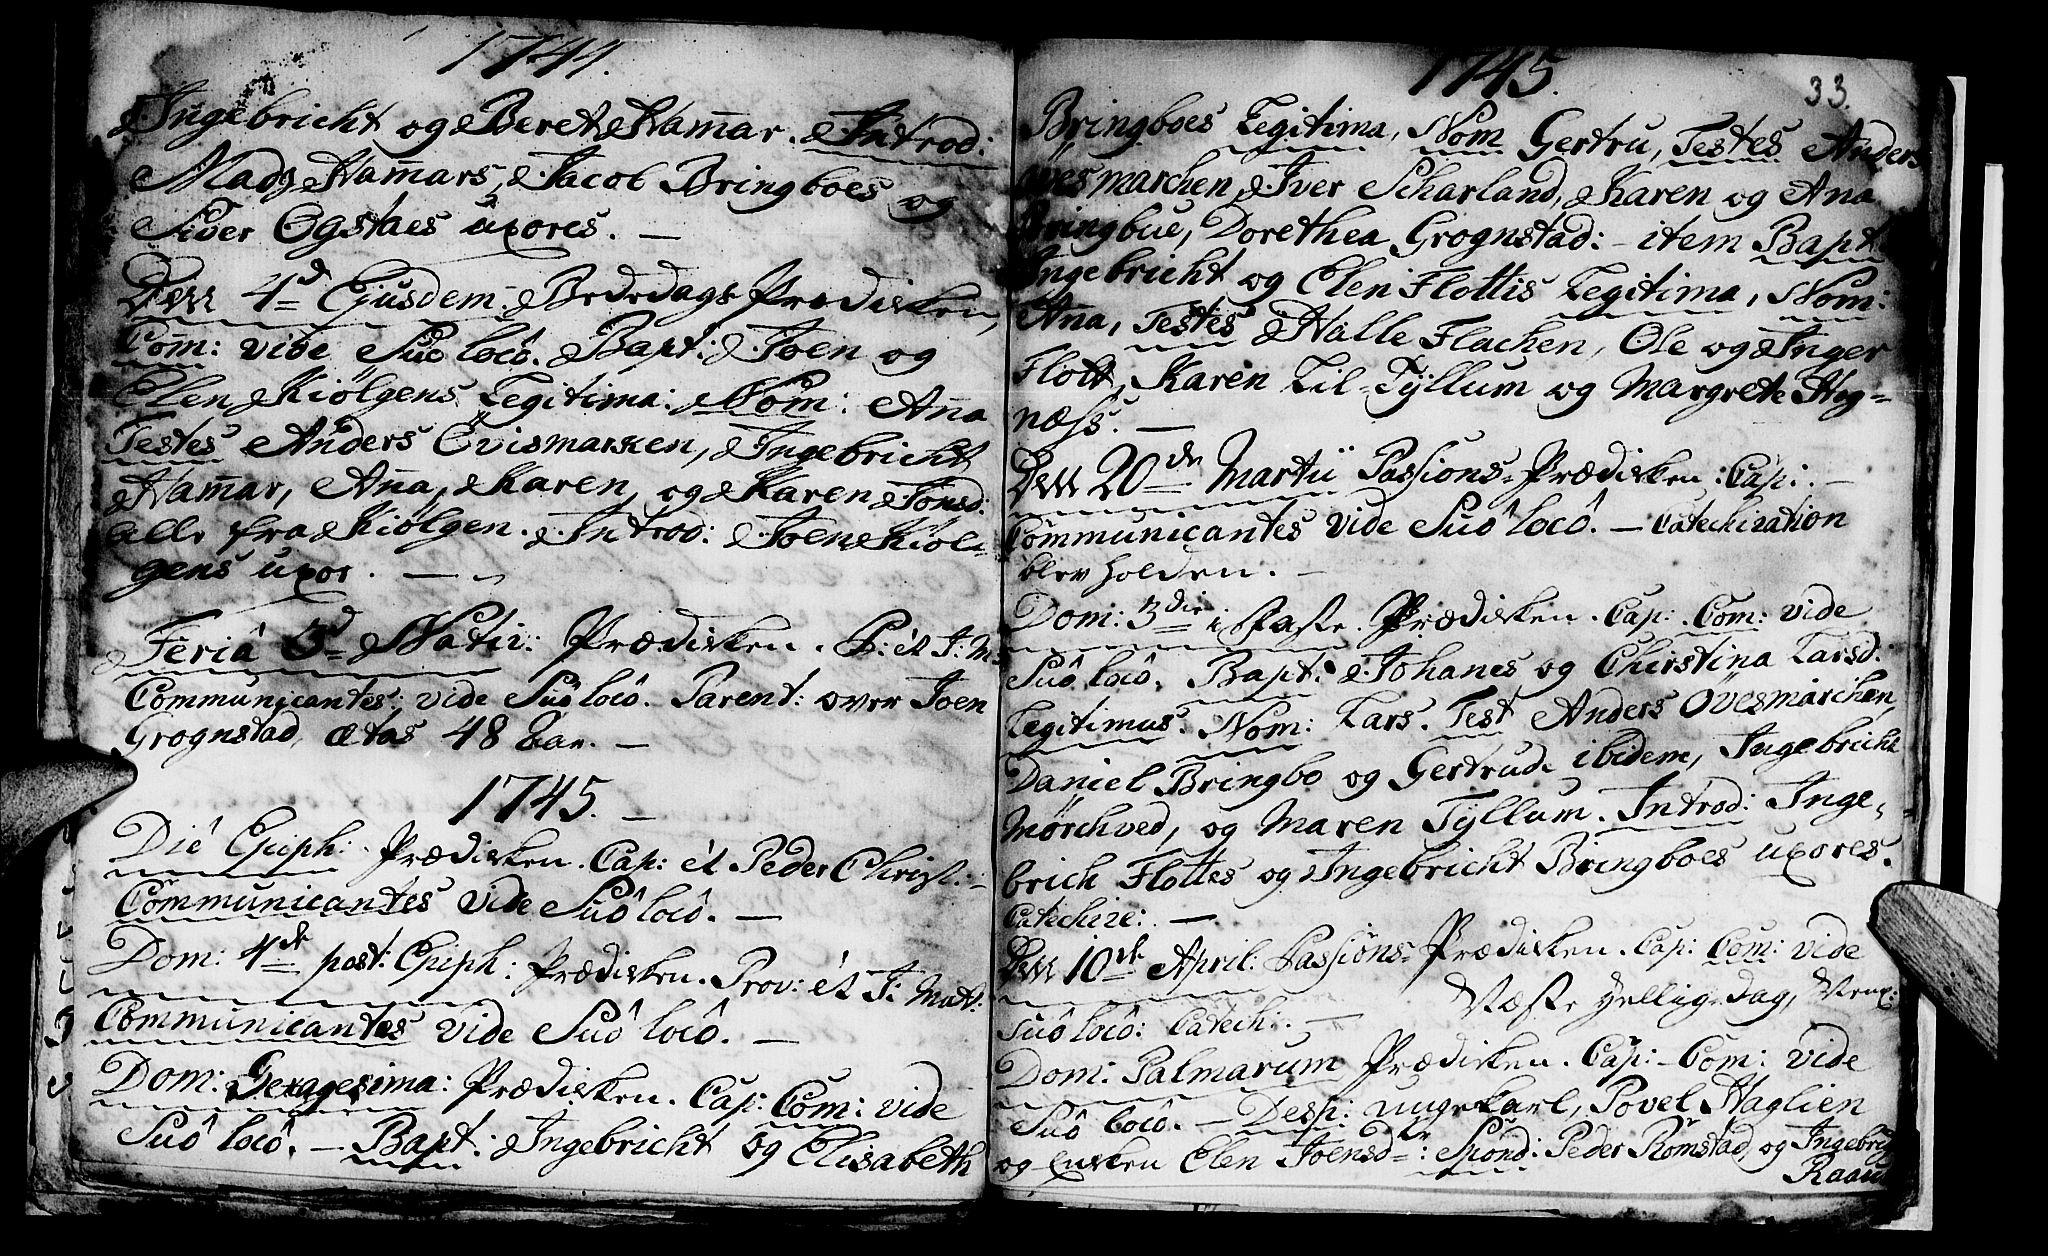 SAT, Ministerialprotokoller, klokkerbøker og fødselsregistre - Nord-Trøndelag, 765/L0560: Ministerialbok nr. 765A01, 1706-1748, s. 33